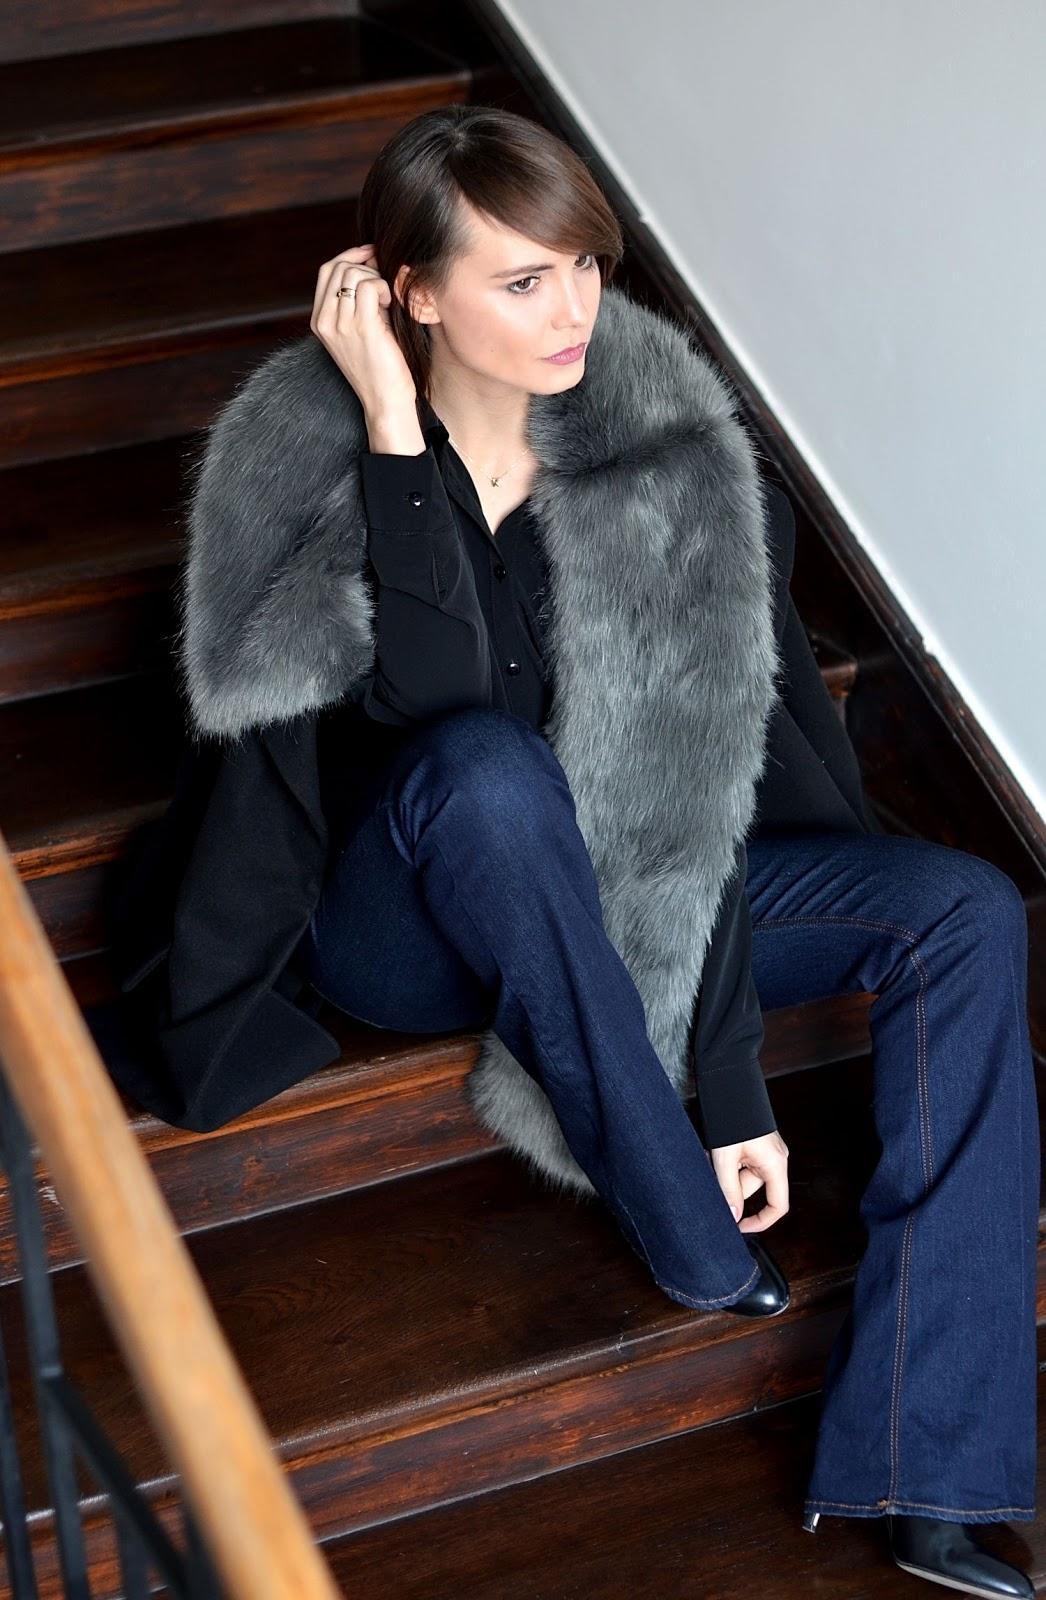 blog lifestylowy | blogerka modowa | popularny blog o modzie | cammy psychologia